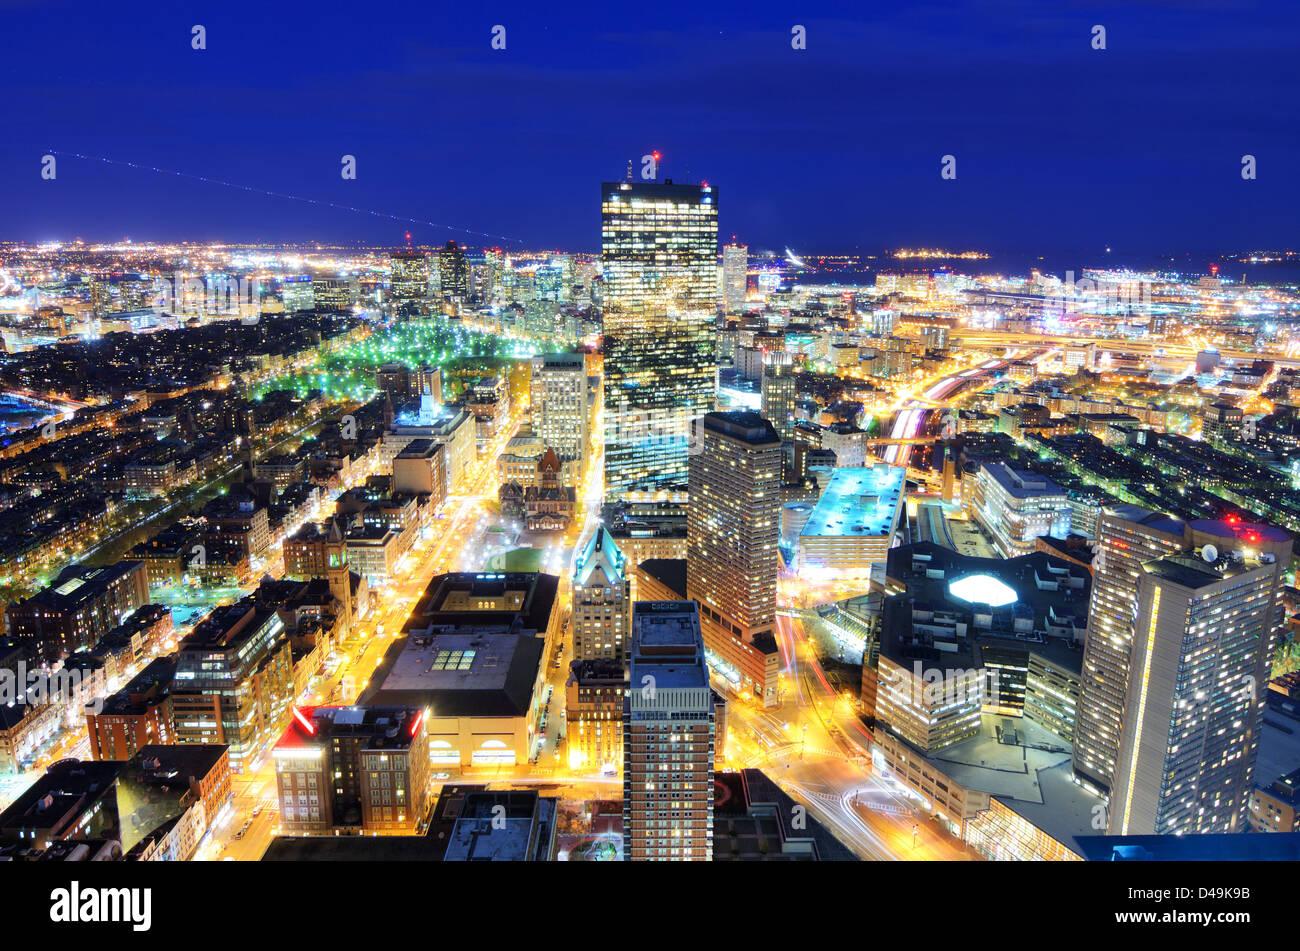 Vista aerea del centro cittadino di Boston, Massachusetts, USA. Immagini Stock